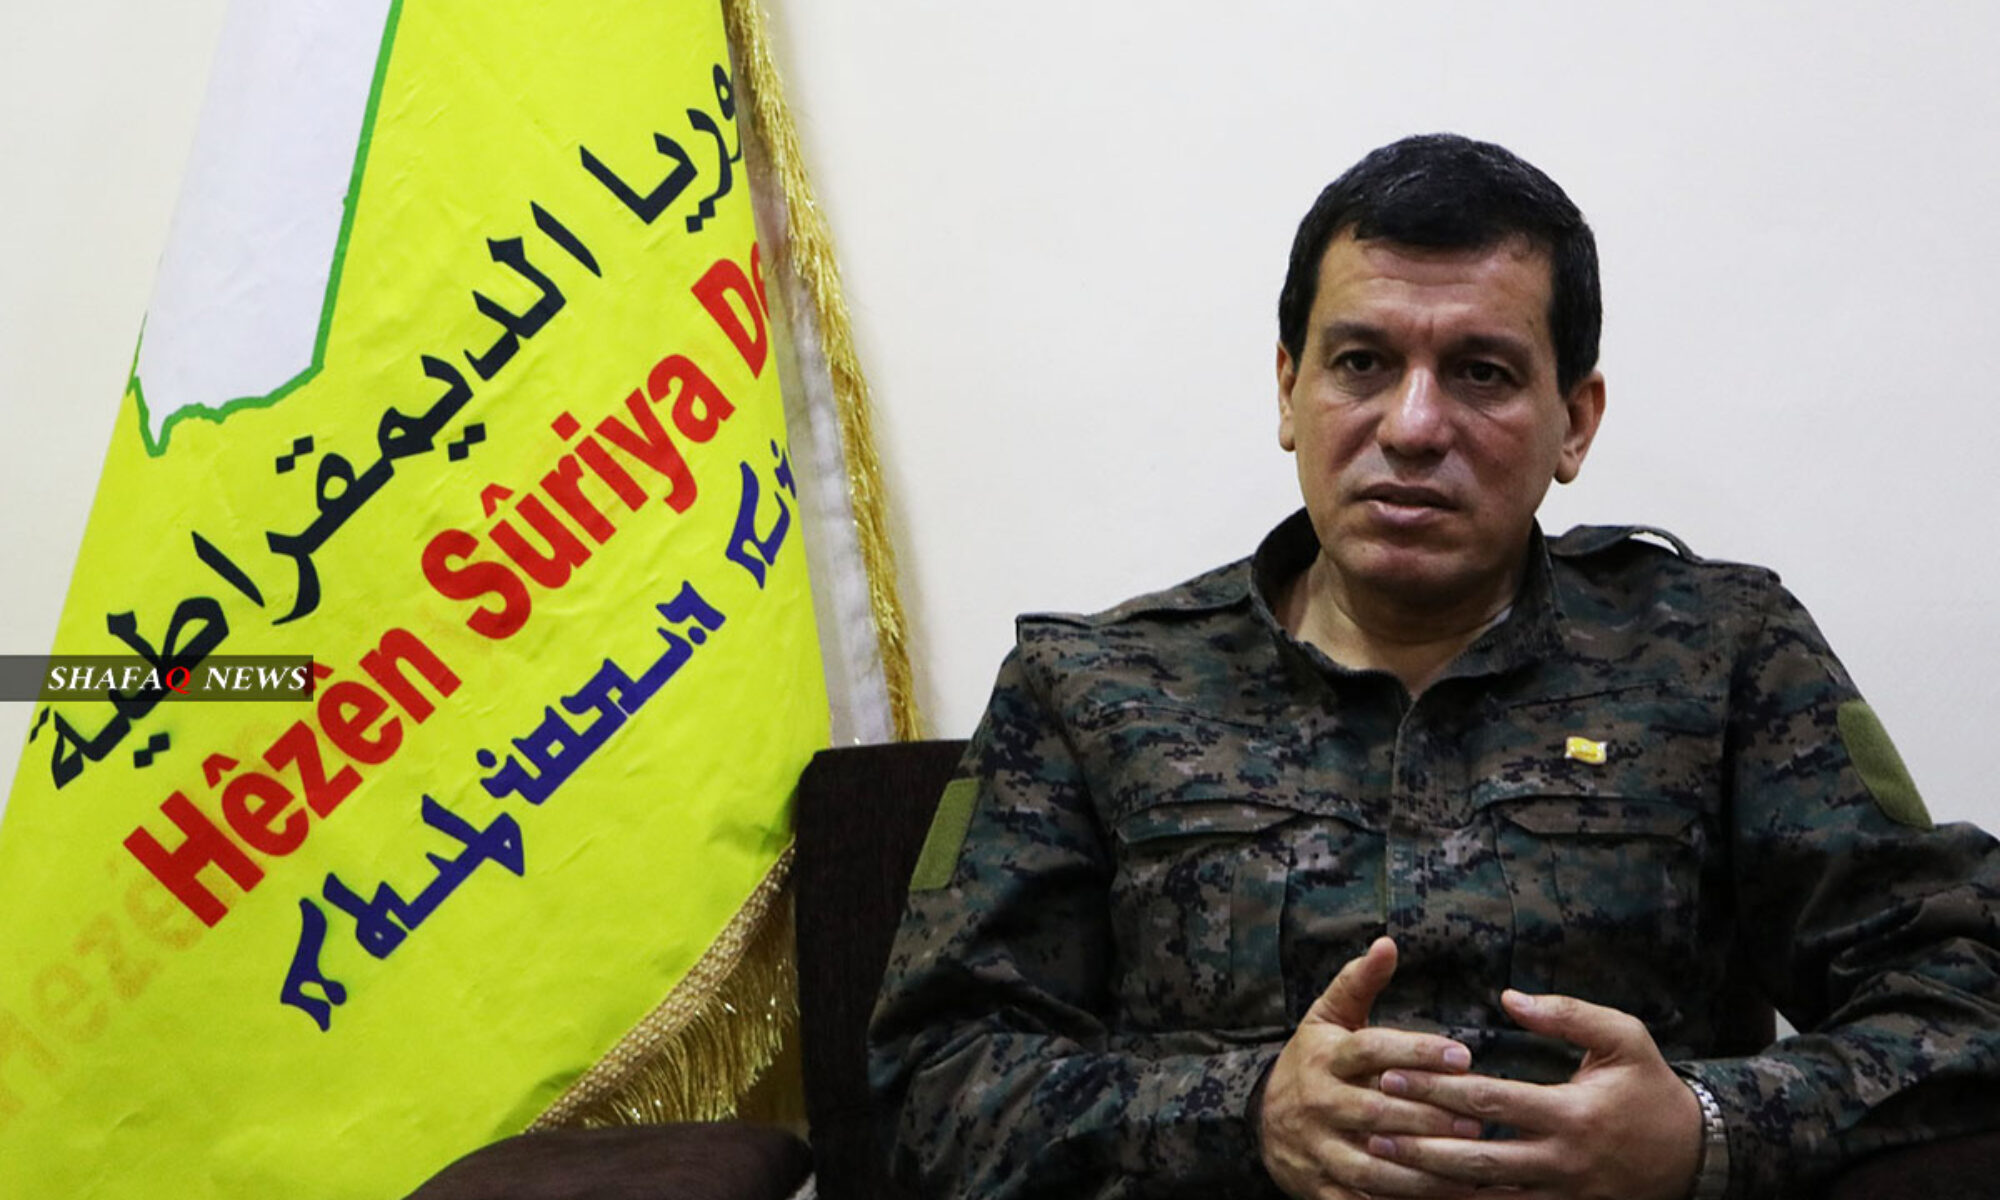 HSD Genel Komutanı Mazlum Abdi:  Kürdistan Bölgesi'nin istikrarını bozma amaçlı saldırıyışiddetle kınıyoruz